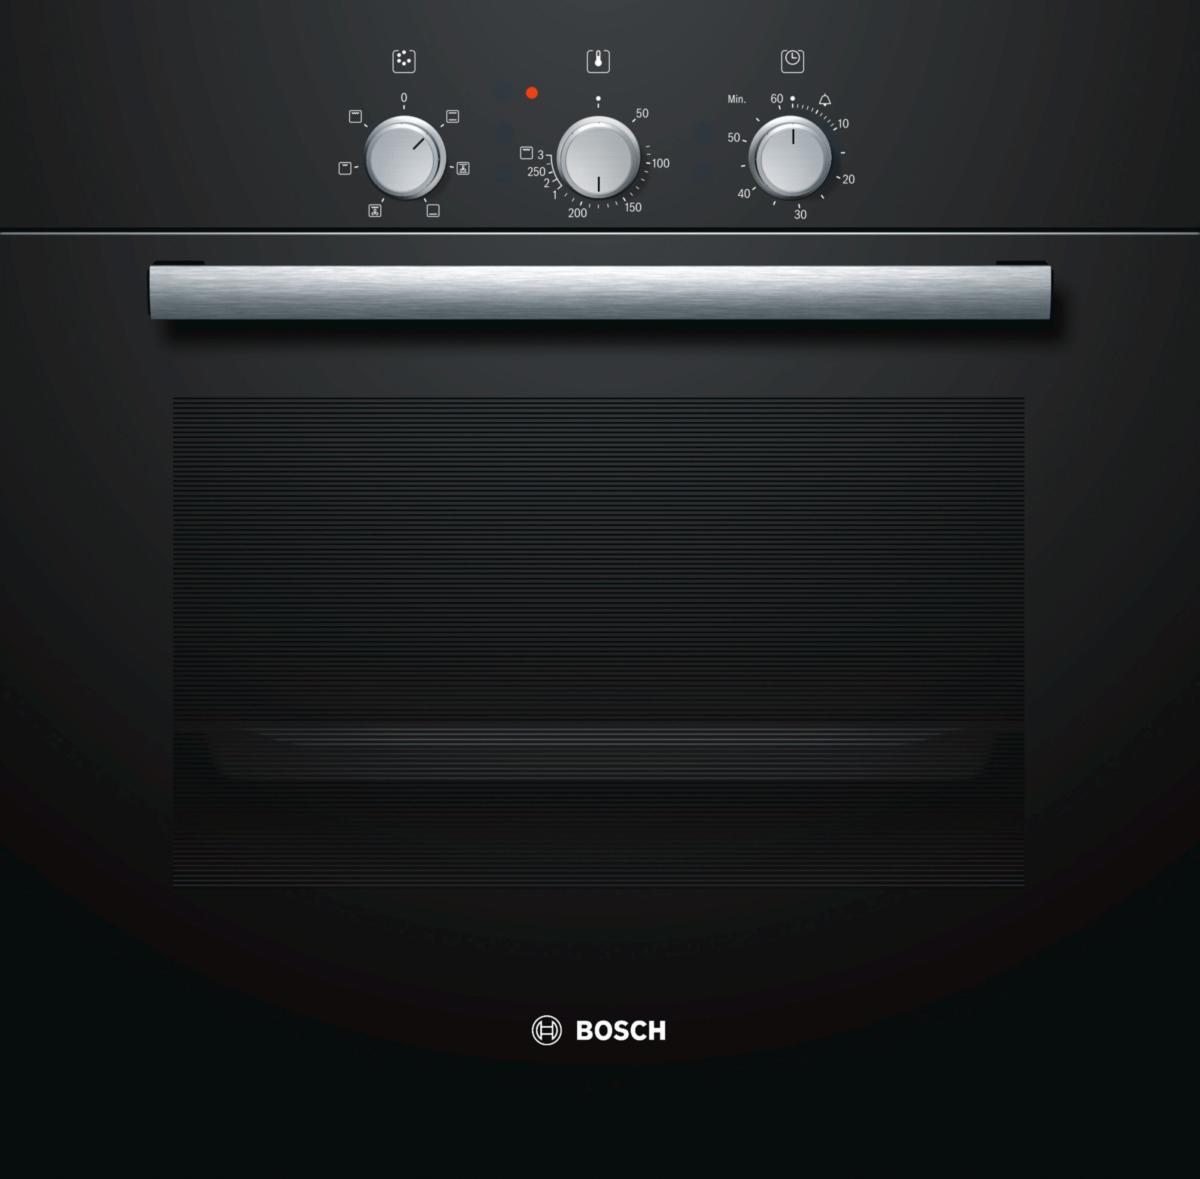 Встраиваемый электрический духовой шкаф Bosch HBN 211 S0J49966674Электрический духовой шкаф BOSCH HBN211S0J выглядит стильно и современно. Габариты для встраивания представленной модели составляют 56х60х55 см. Мощность подключения равна 2800 Вт. Объем духовки составляет 66 литров. Предусмотрено 6 режимов работы с максимальной температурой нагрева до 270 °C, а также встроенный гриль. BOSCH HBN211S0J соответствует А-классу энергопотребления, что свидетельствует о его экономичности. Модель оборудована системой конвекции, что обеспечивает равномерную прожарку блюд Крупногабаритный товар.